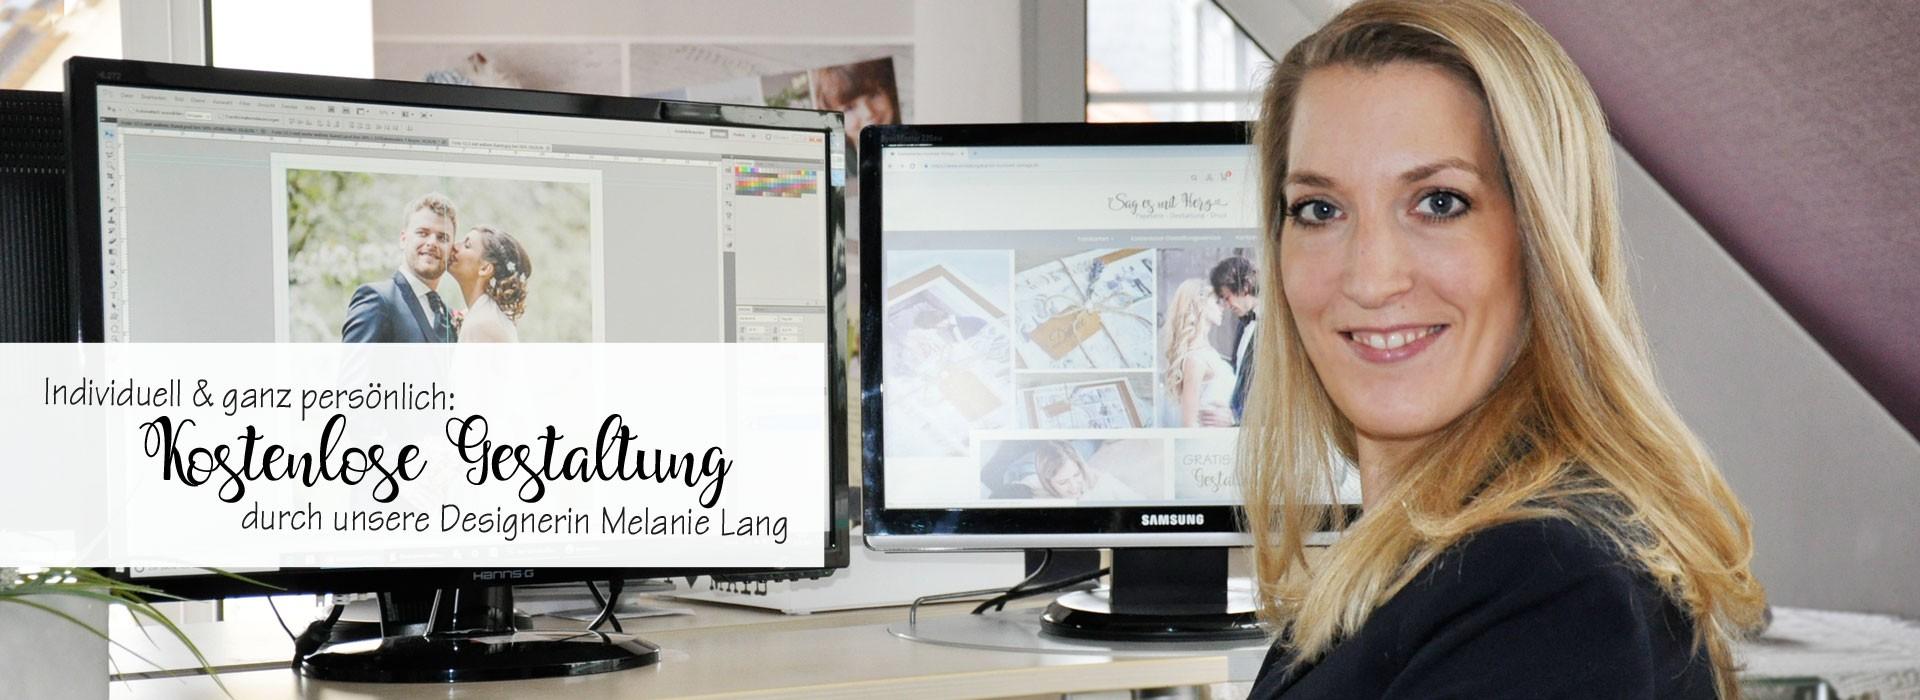 Gratis Gestaltung Ihrer Einladungen und Dankeskarten durch unsere Designerin Melanie Lang